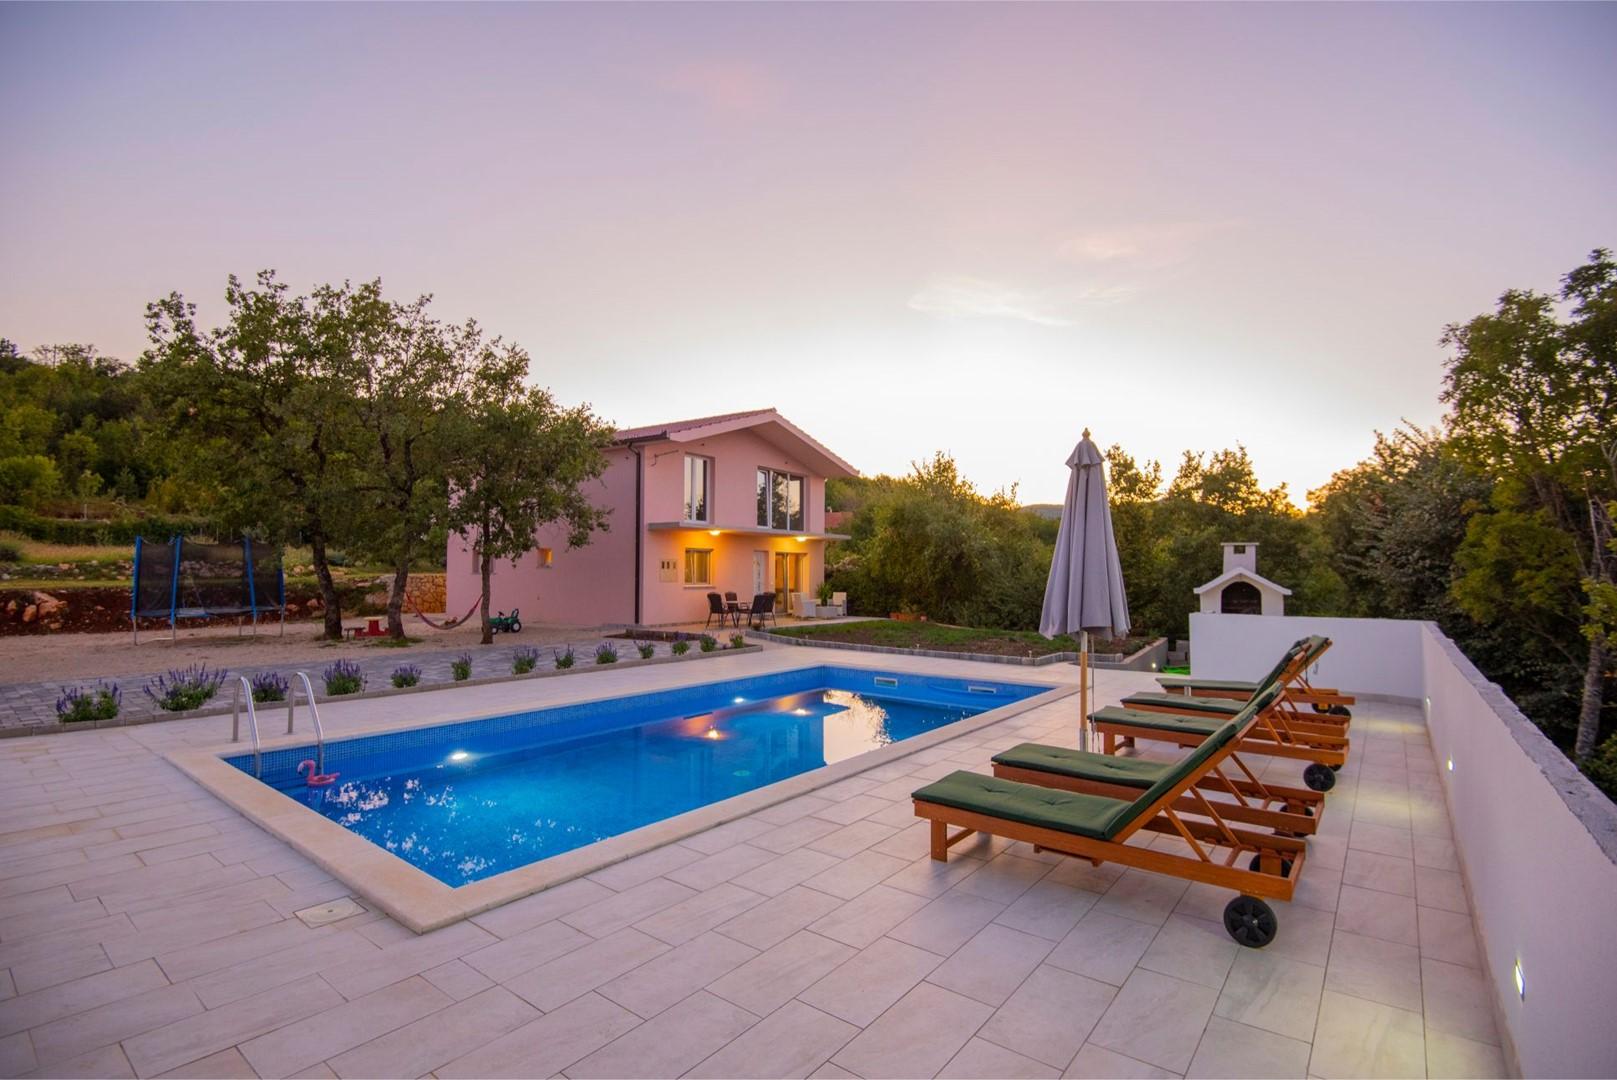 Ferienhaus ctim298-Modernes Ferienhaus mit Pool für 4+2 Personen (2639599), Kamenmost, , Dalmatien, Kroatien, Bild 1